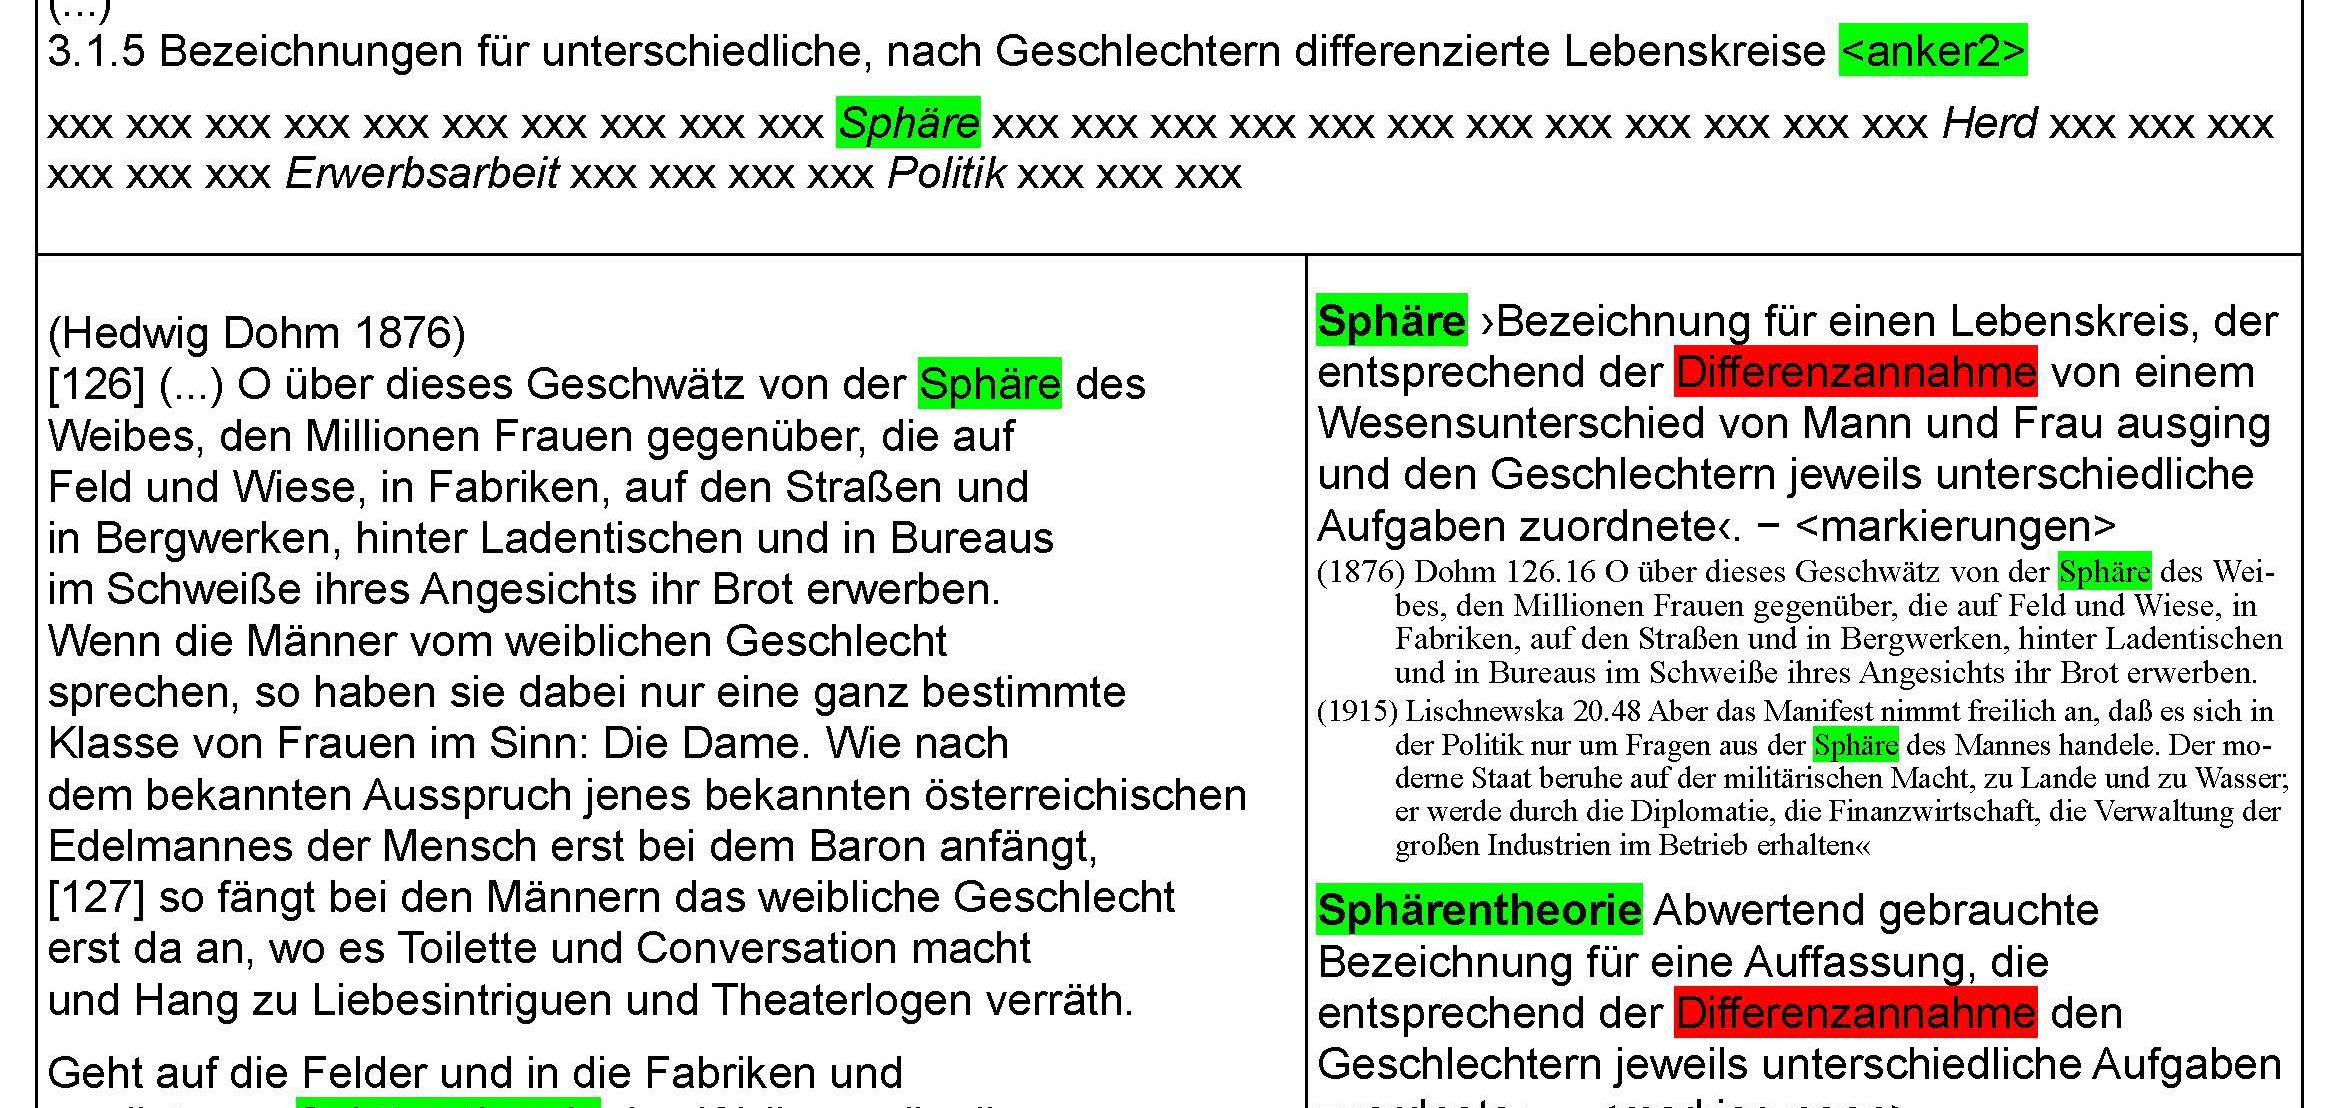 Abb. 6: Verbindung von                                    Wortgebrauchsdokumentation, Untersuchungen, Volltext. (Eigene                                    Darstellung: Thomas Gloning).